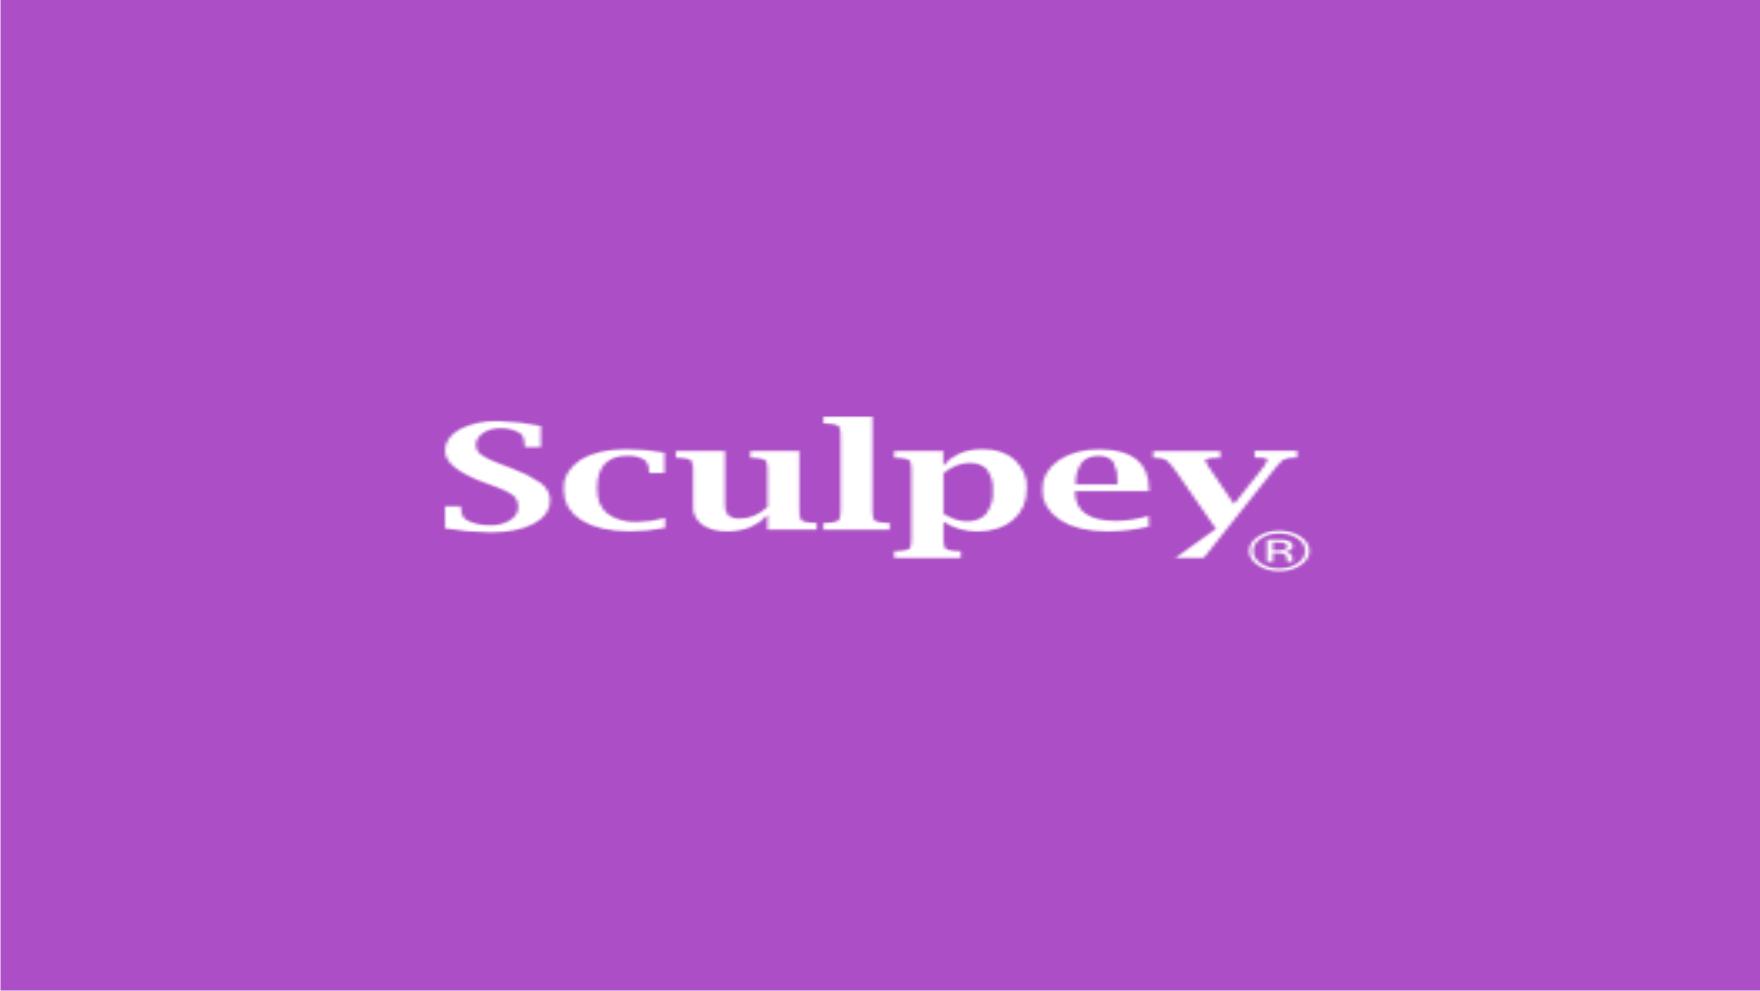 PRODUCTOS SCULPEY